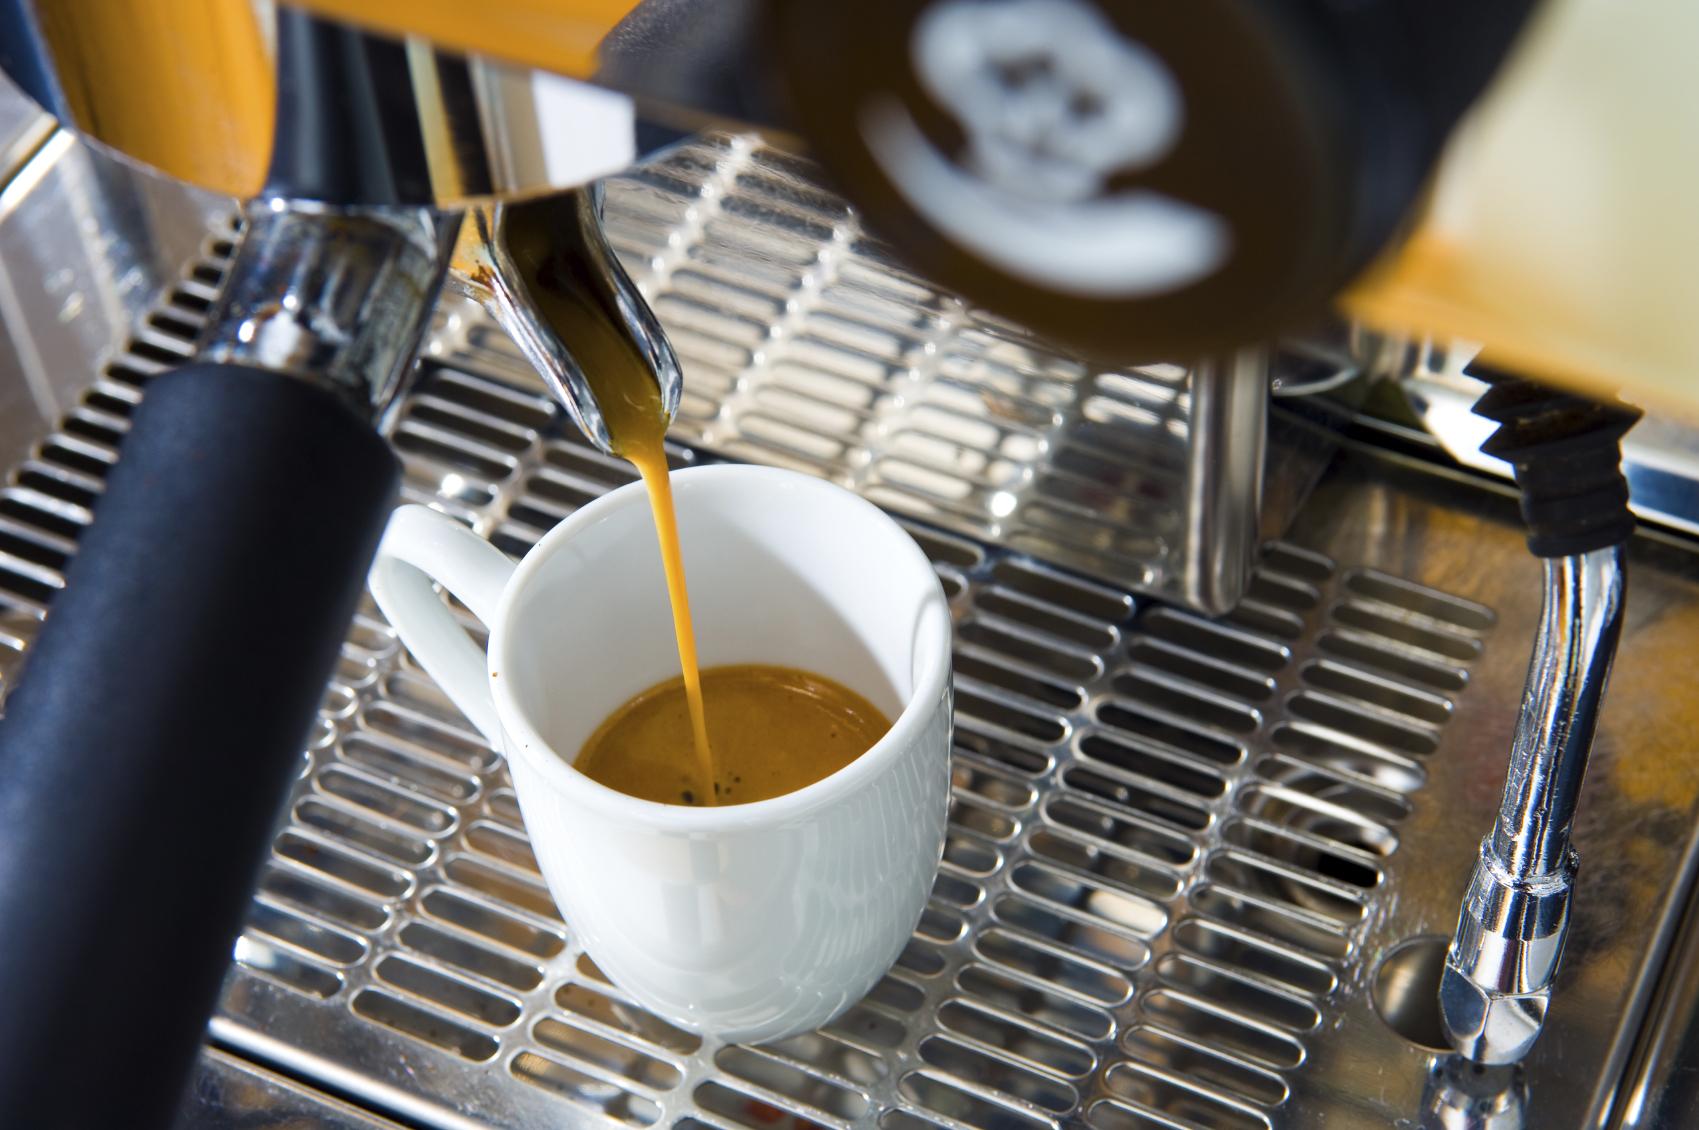 фото как правильно делать эспрессо в кофемашине дома